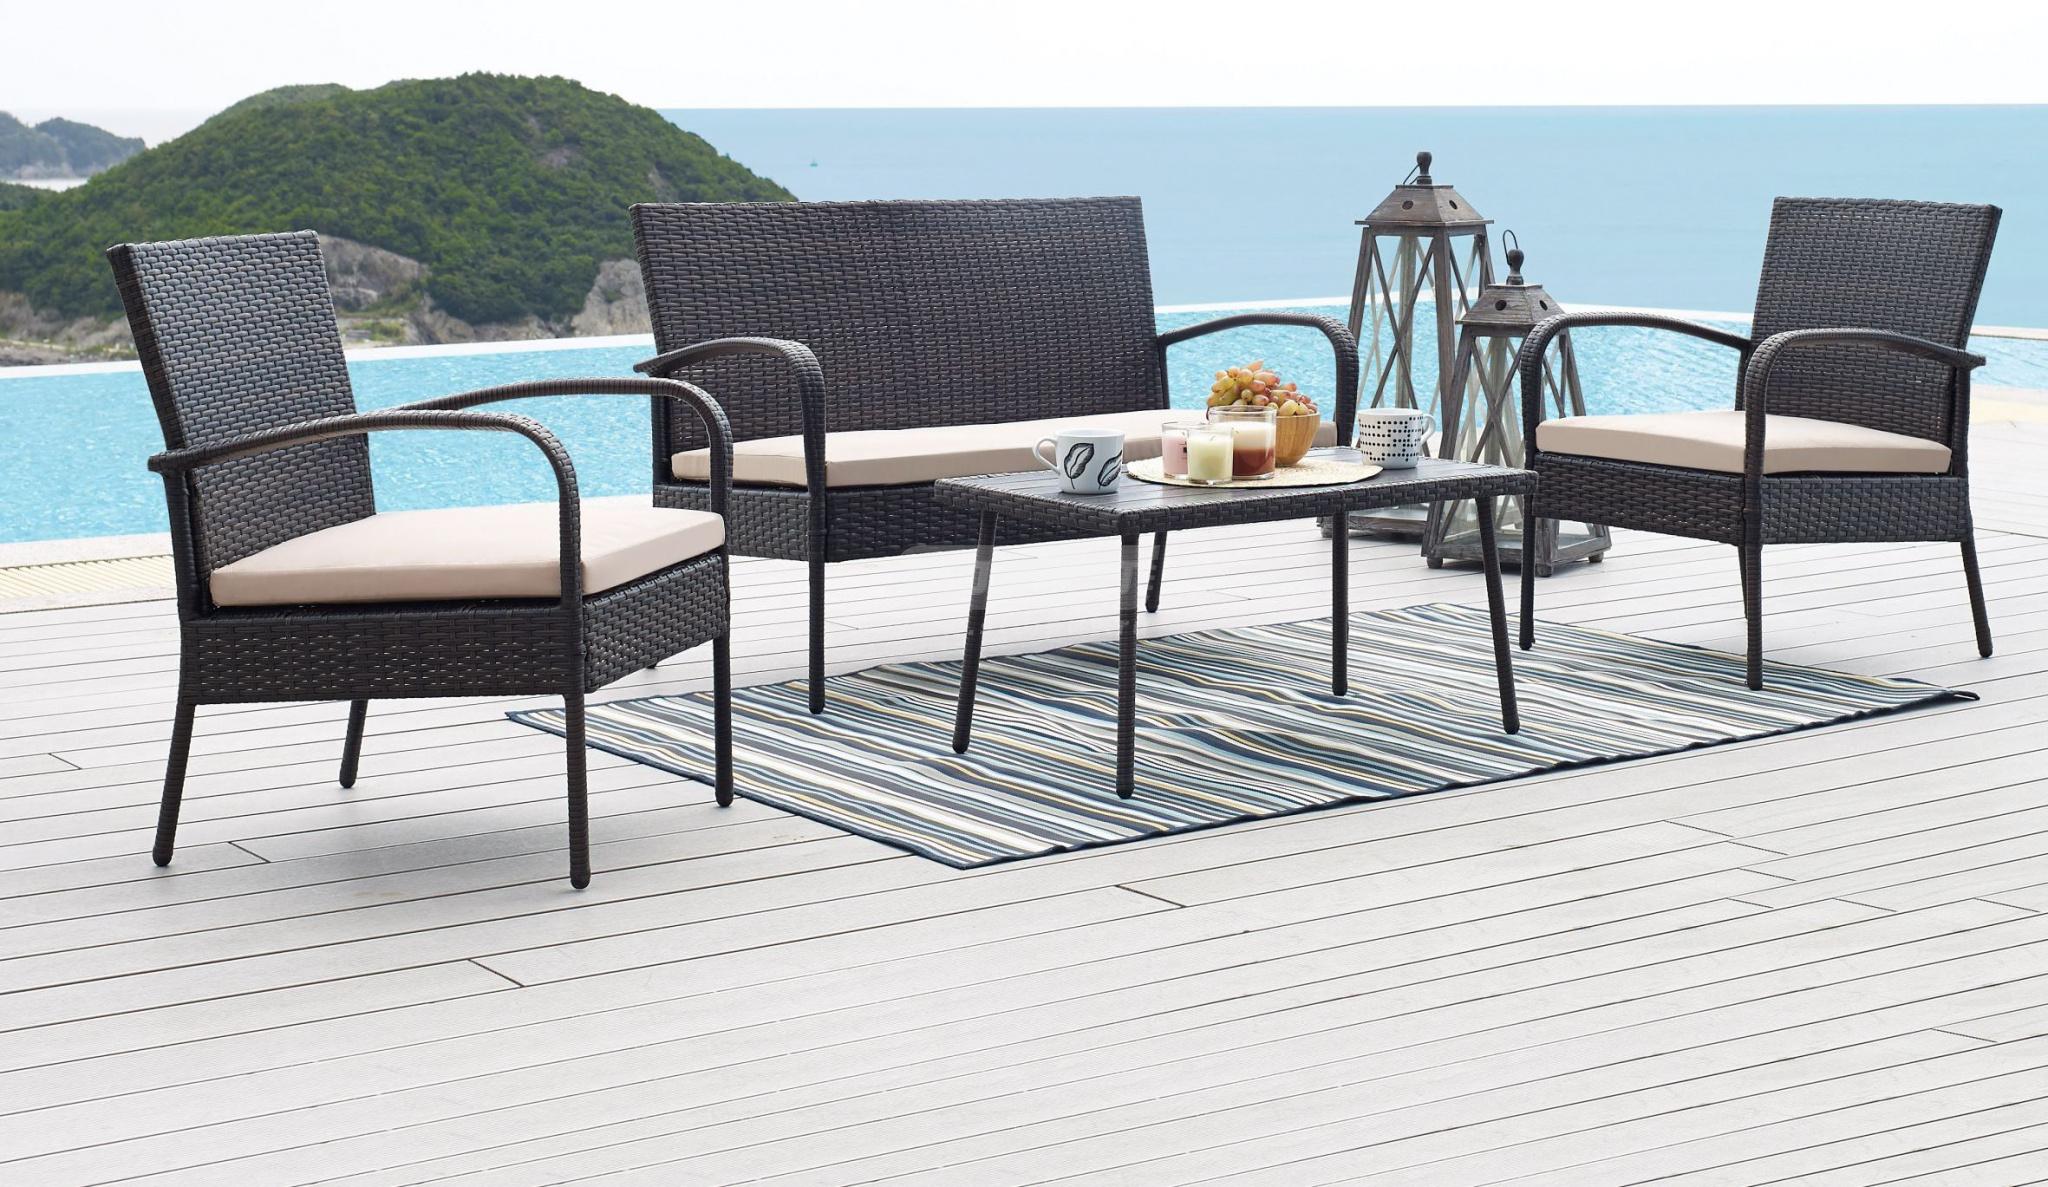 Комплект мебели Столплит 210273 черный 39x62x110 см